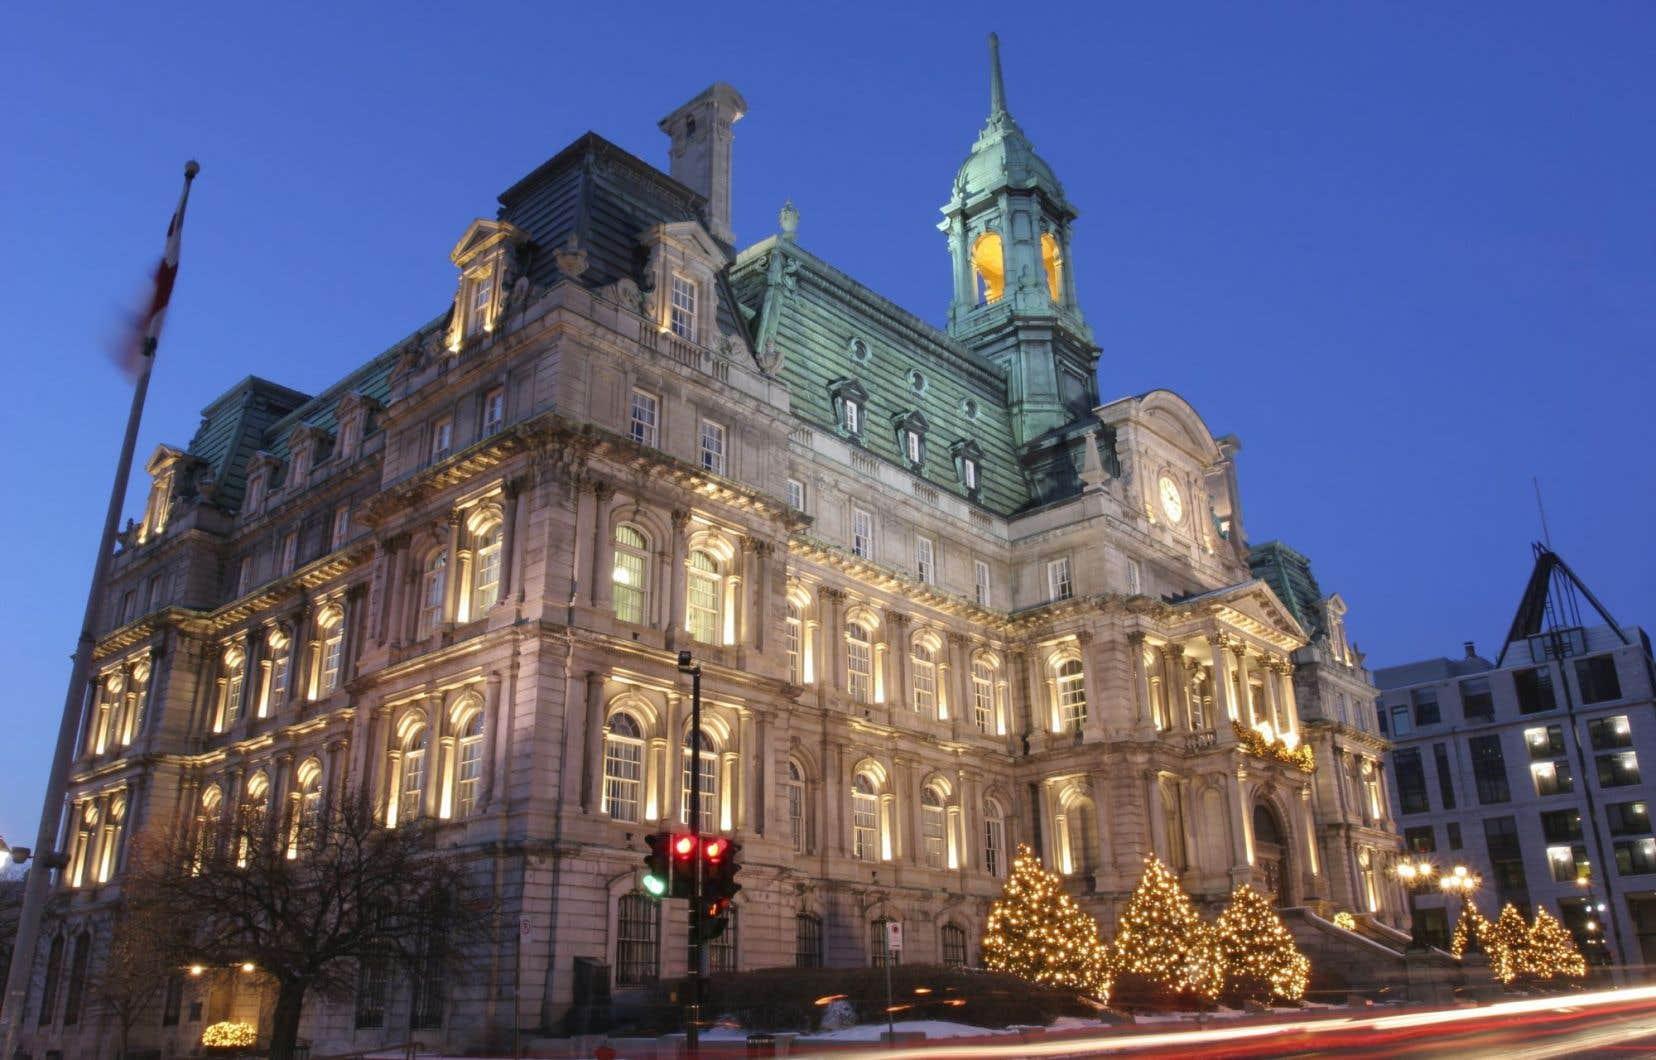 En 2011, la Ville comptait revendre les immeubles au prix de 1,1 million à un promoteur immobilier, soit un million de moins que le prix payé. Elle y a par la suite renoncé pour relancer un appel de propositions.